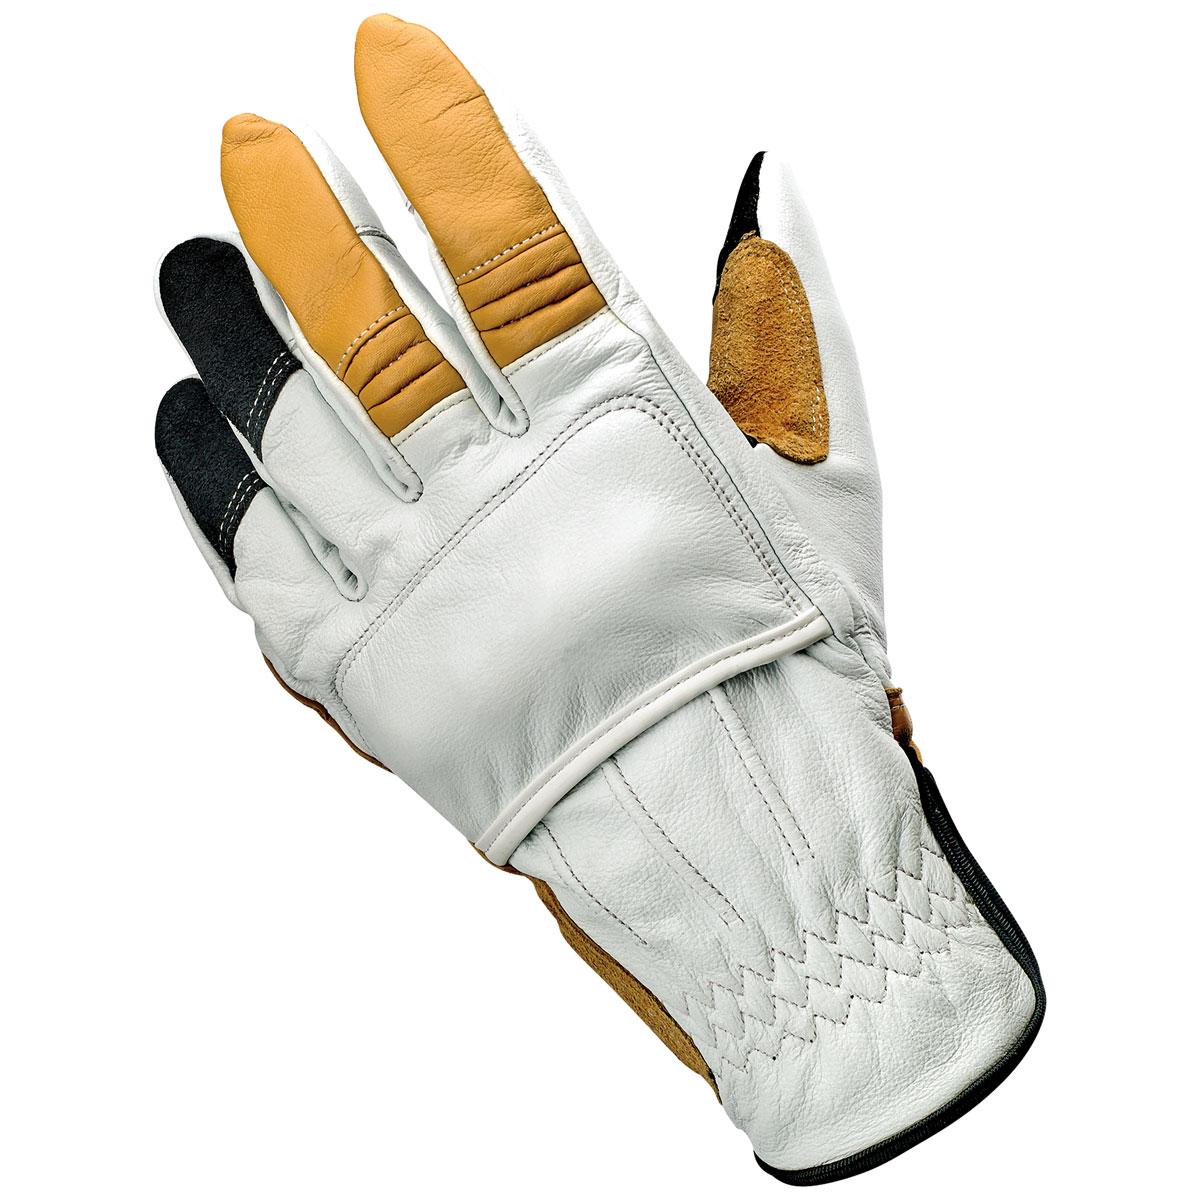 Biltwell Inc. Men's Belden Cement Leather Gloves